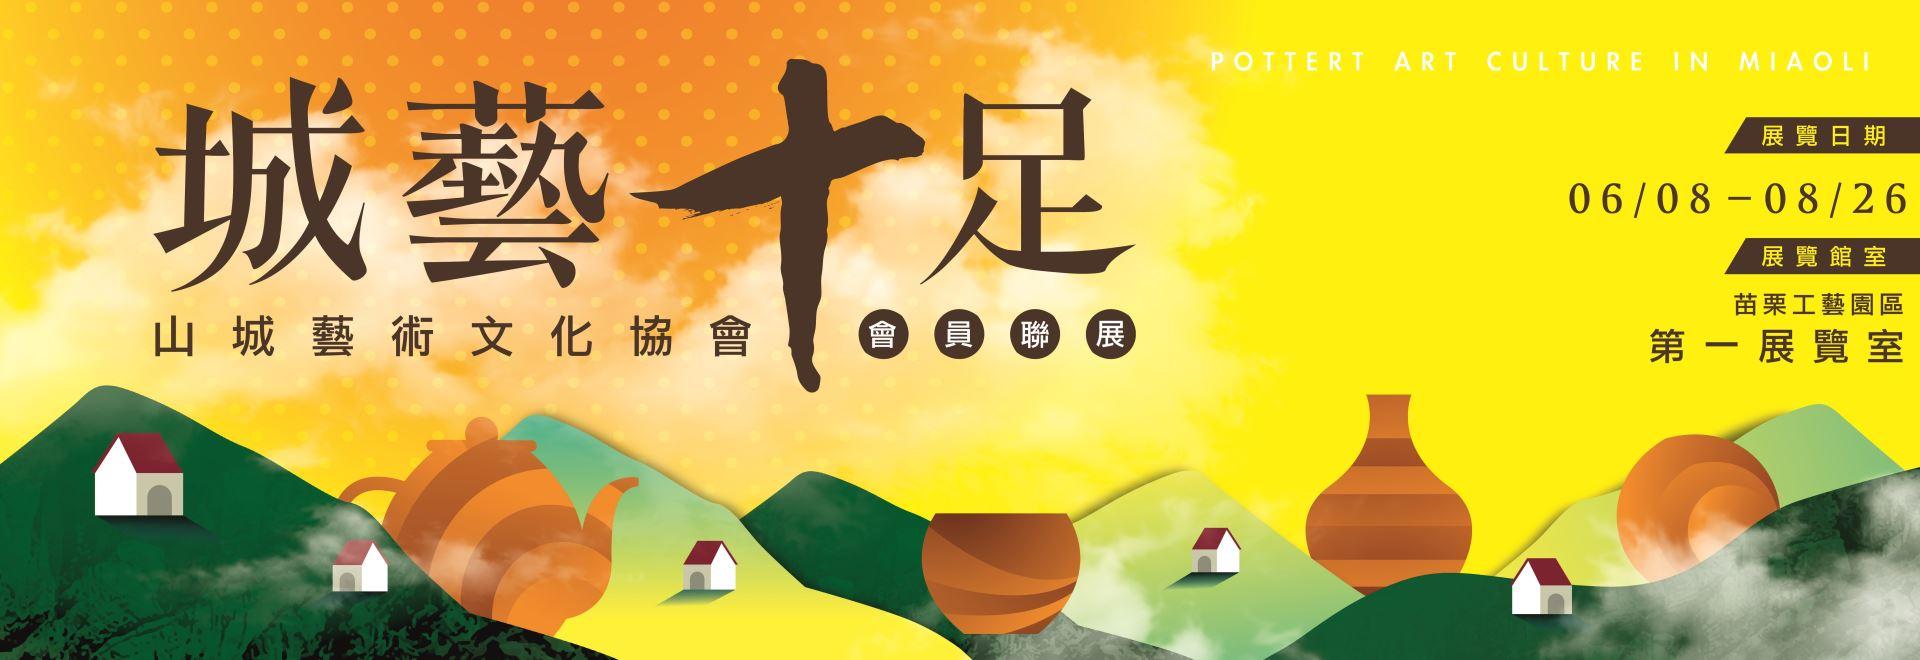 城藝十足-山城藝術文化協會會員聯展[另開新視窗]